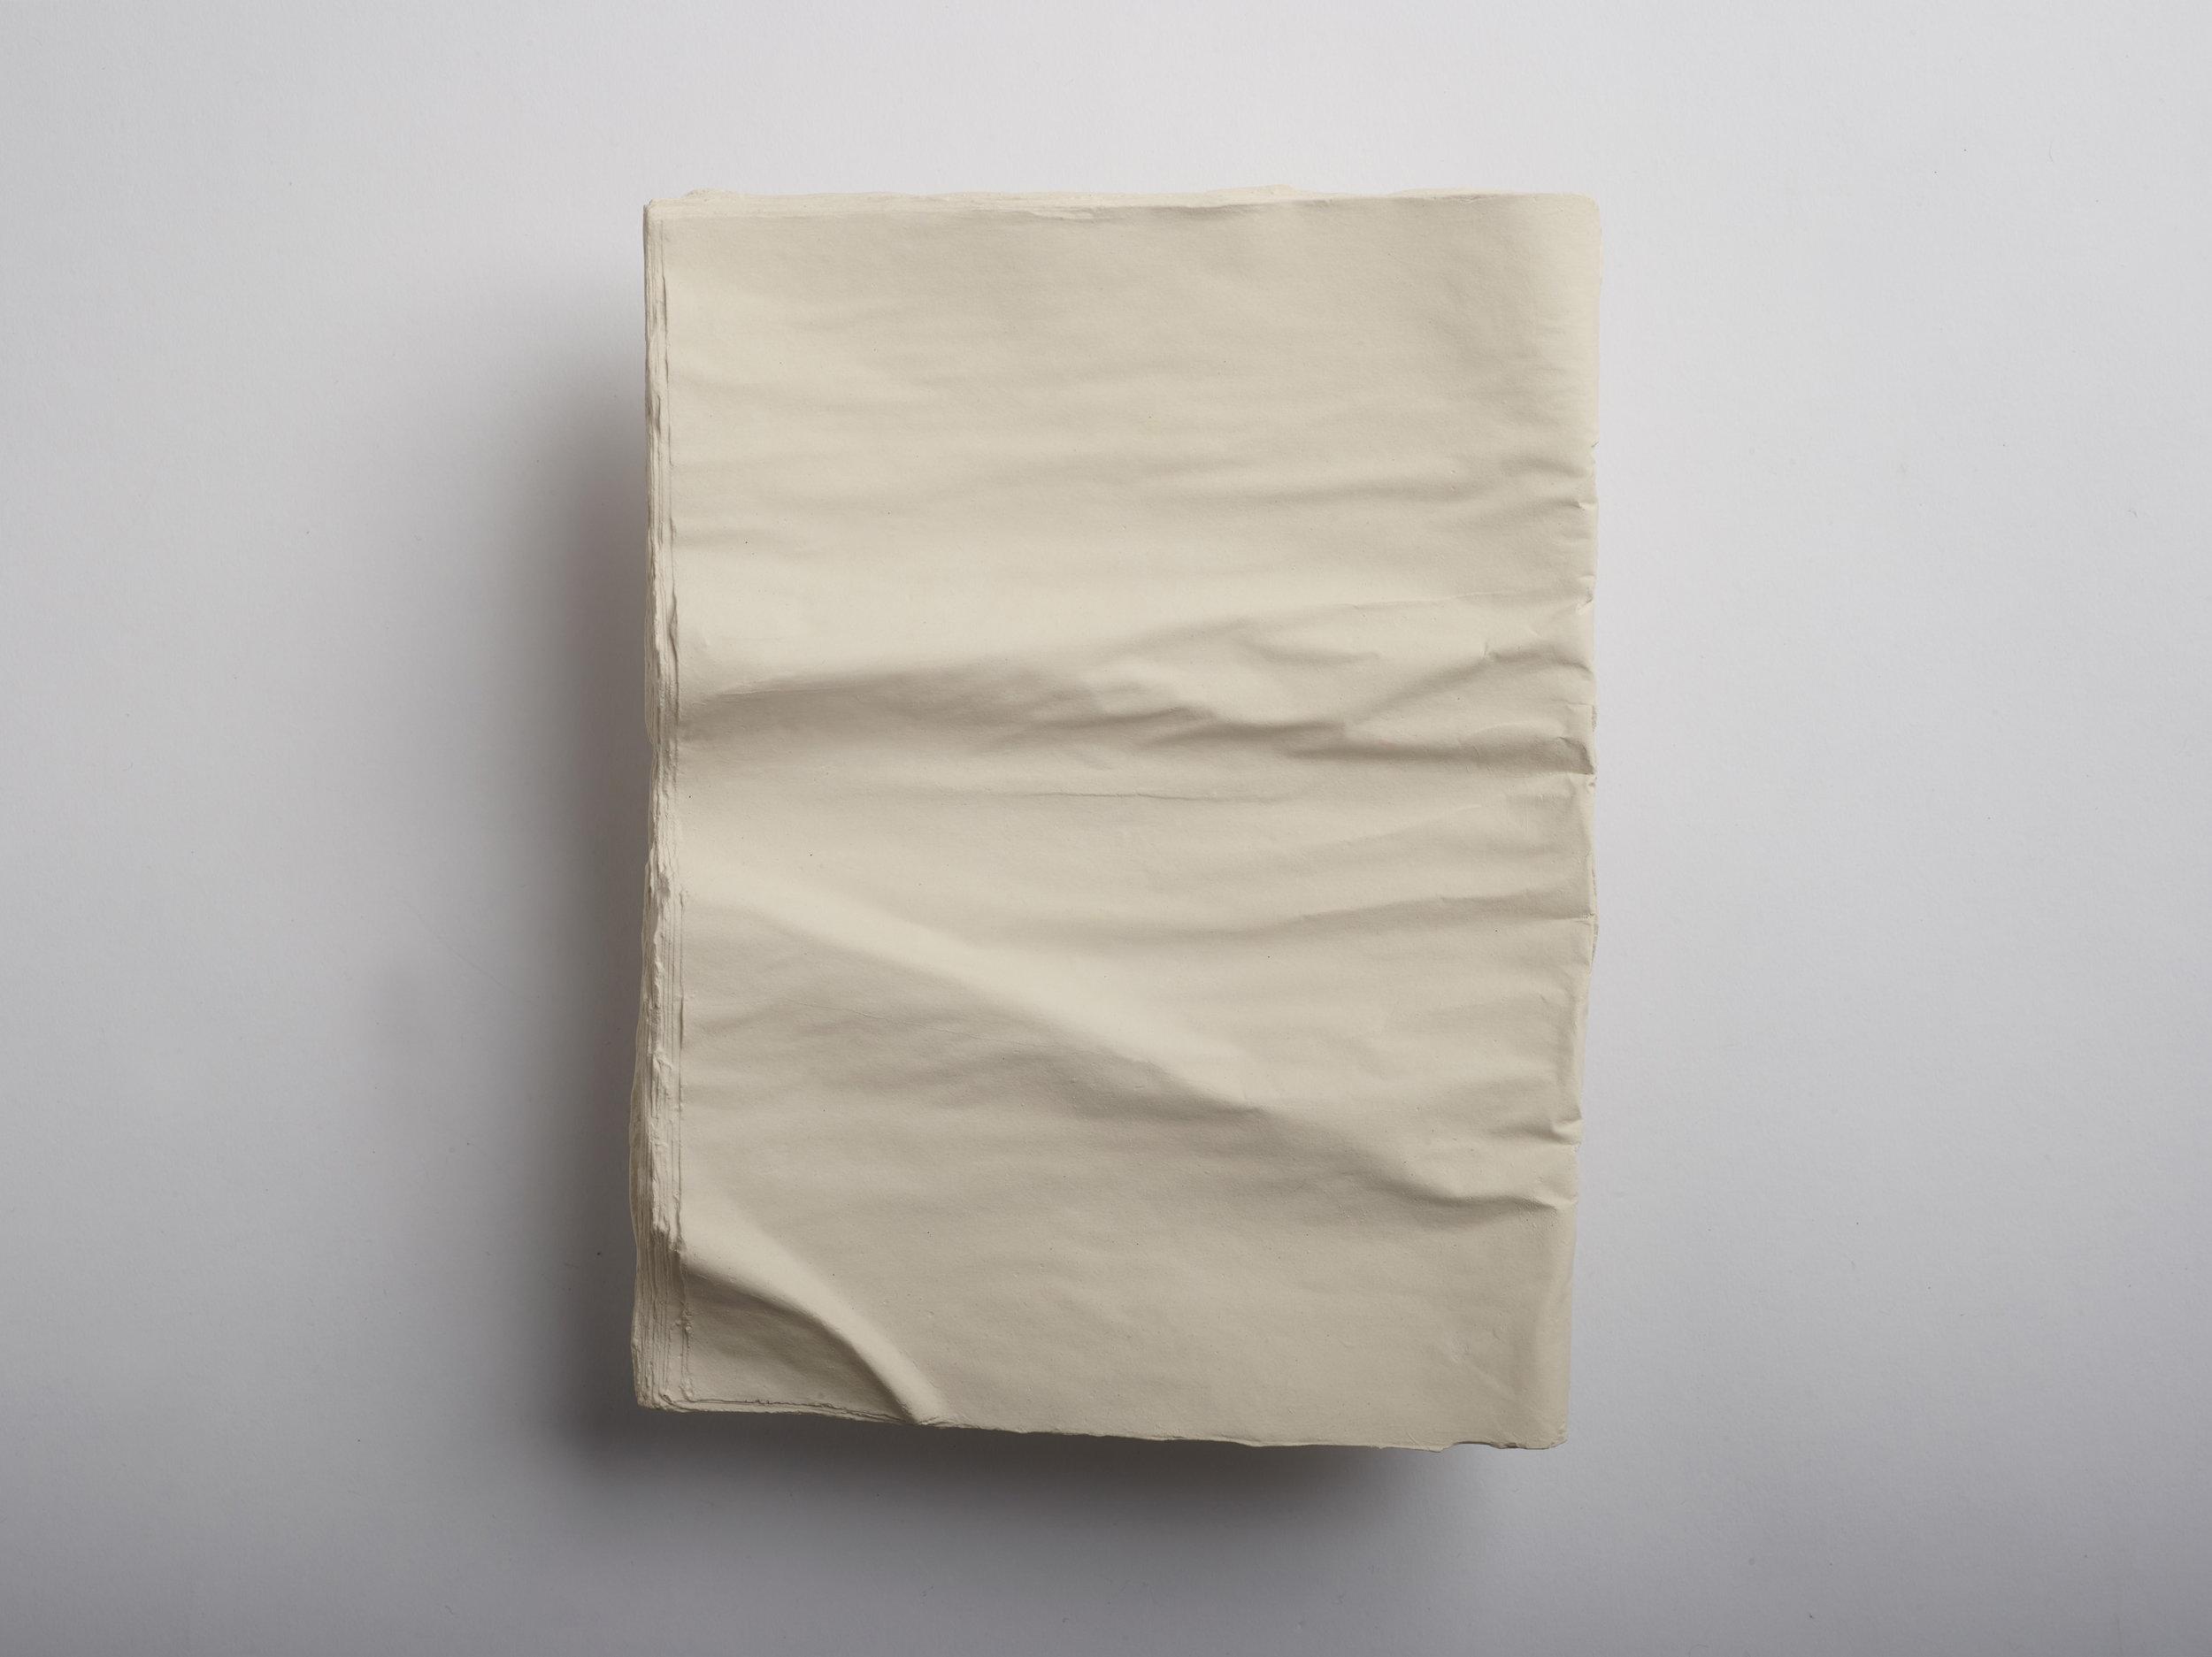 Reversal, 2017, slipcast ceramic